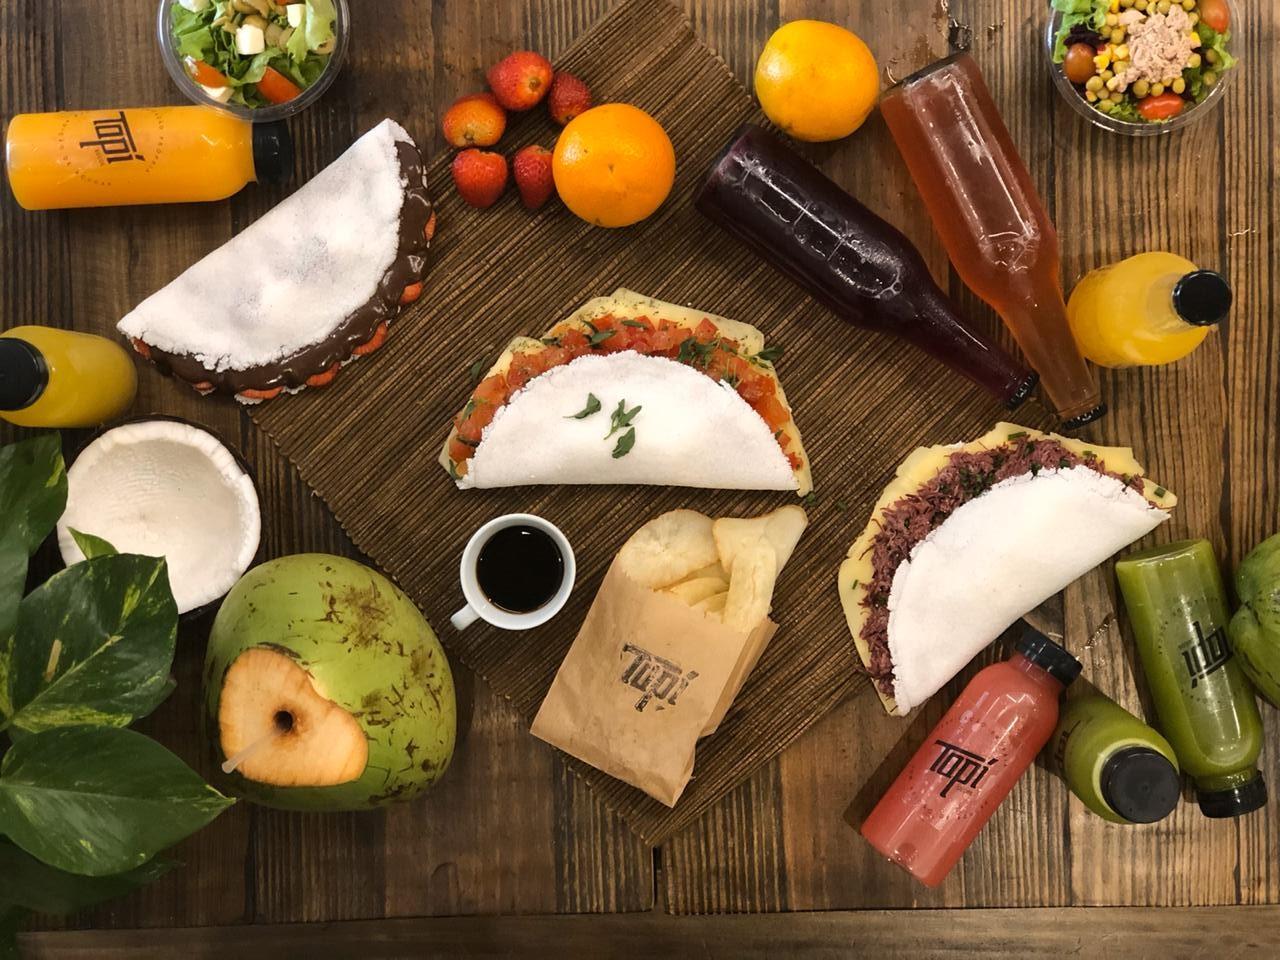 Tapí: conheça o restaurante especializado em tapioca onde você escolhe os sabores